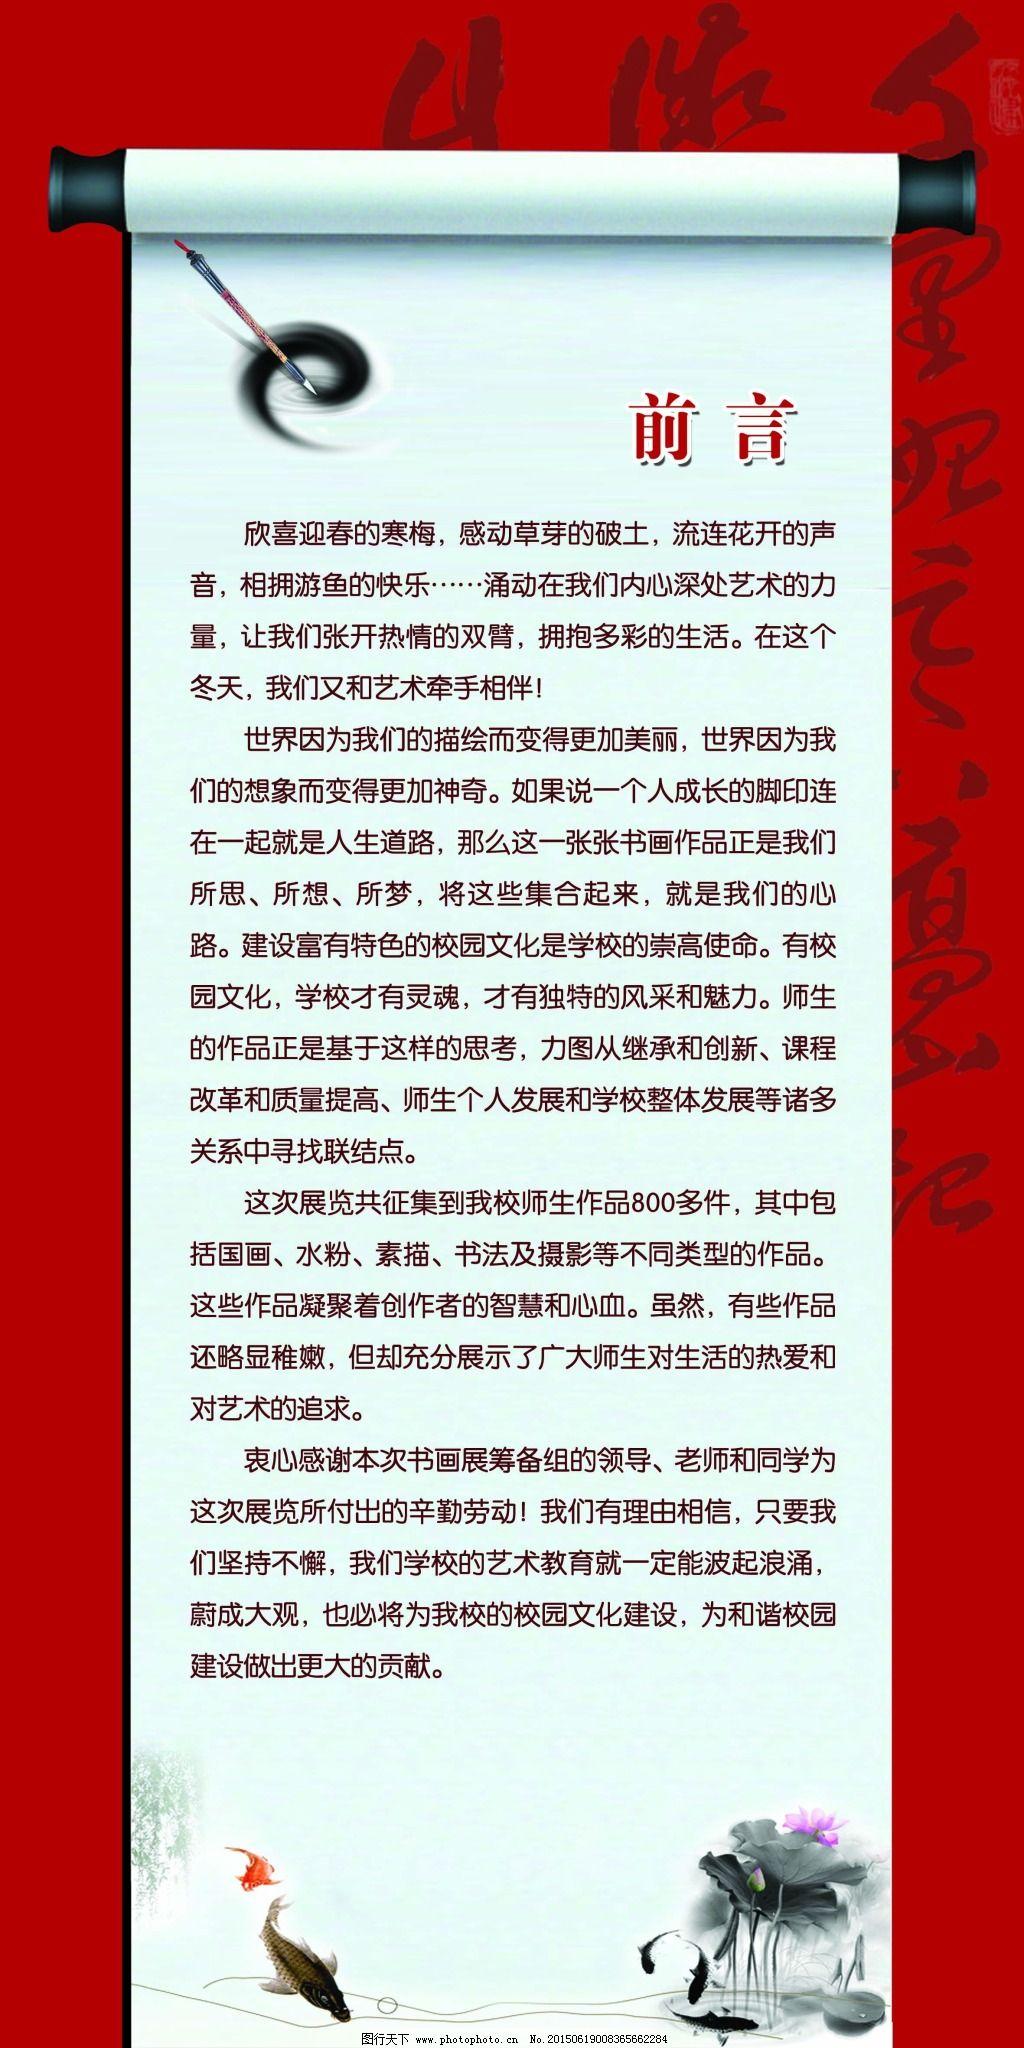 美术作品展 前言 中国风 美术作品展 前言 中国风 红色复古背景 展板